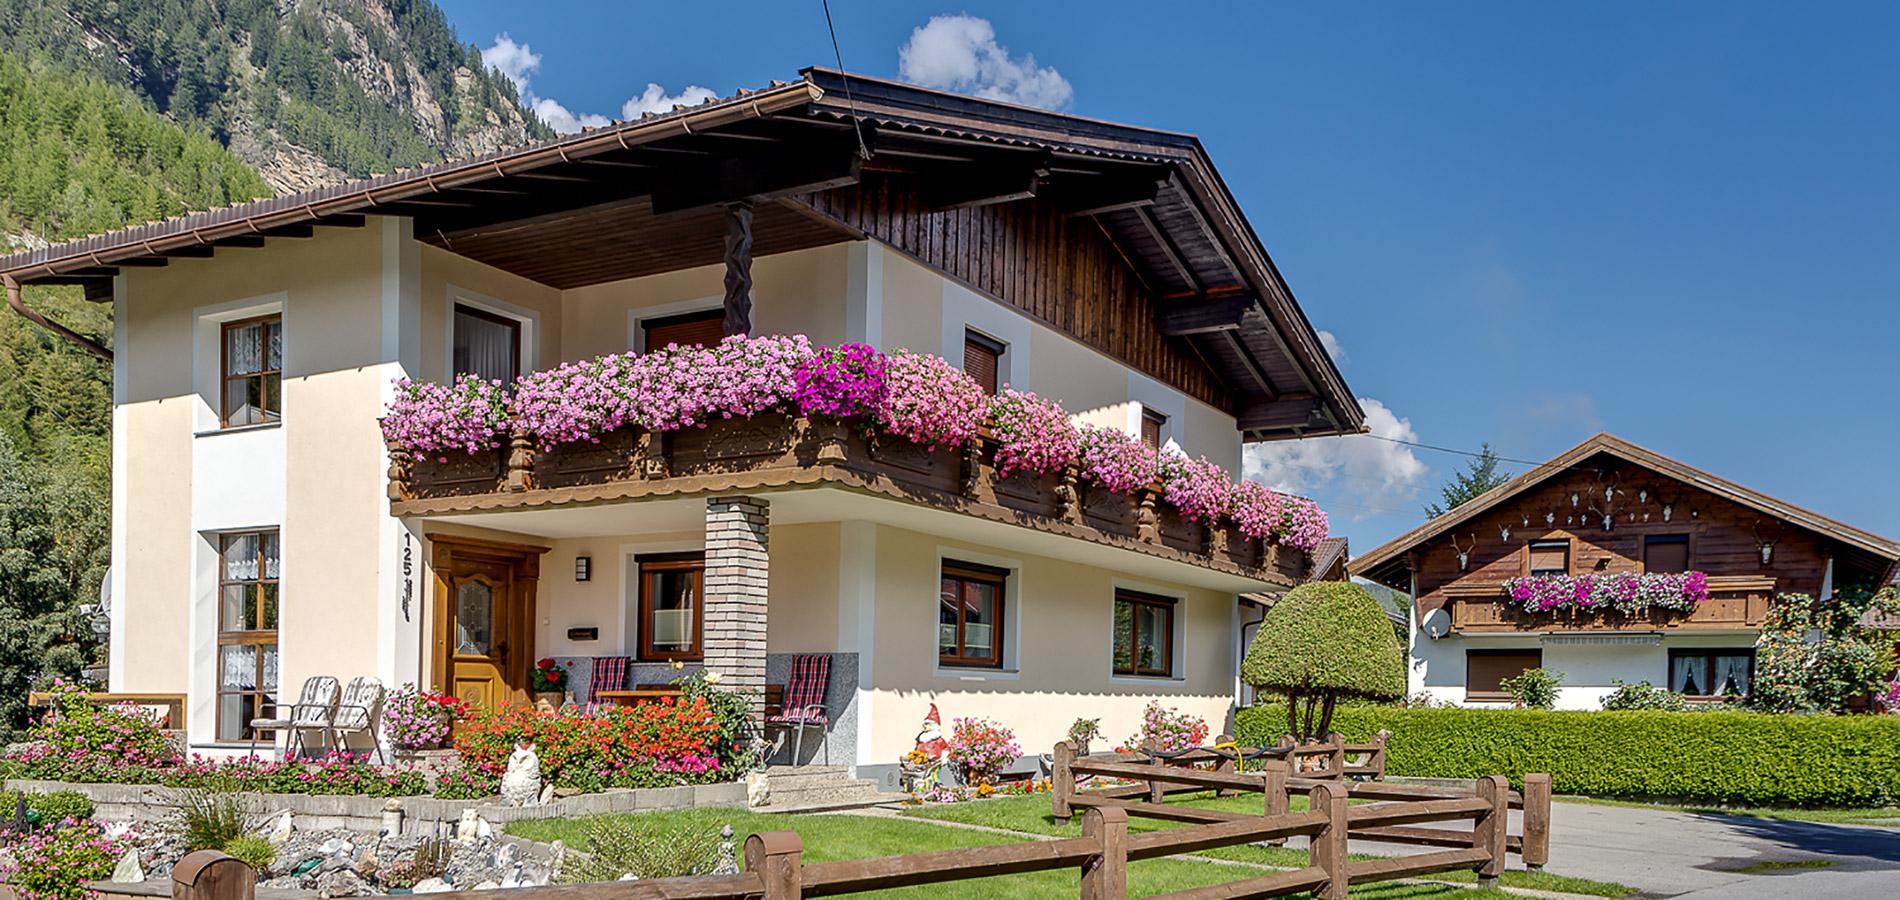 Gästehaus Gstir